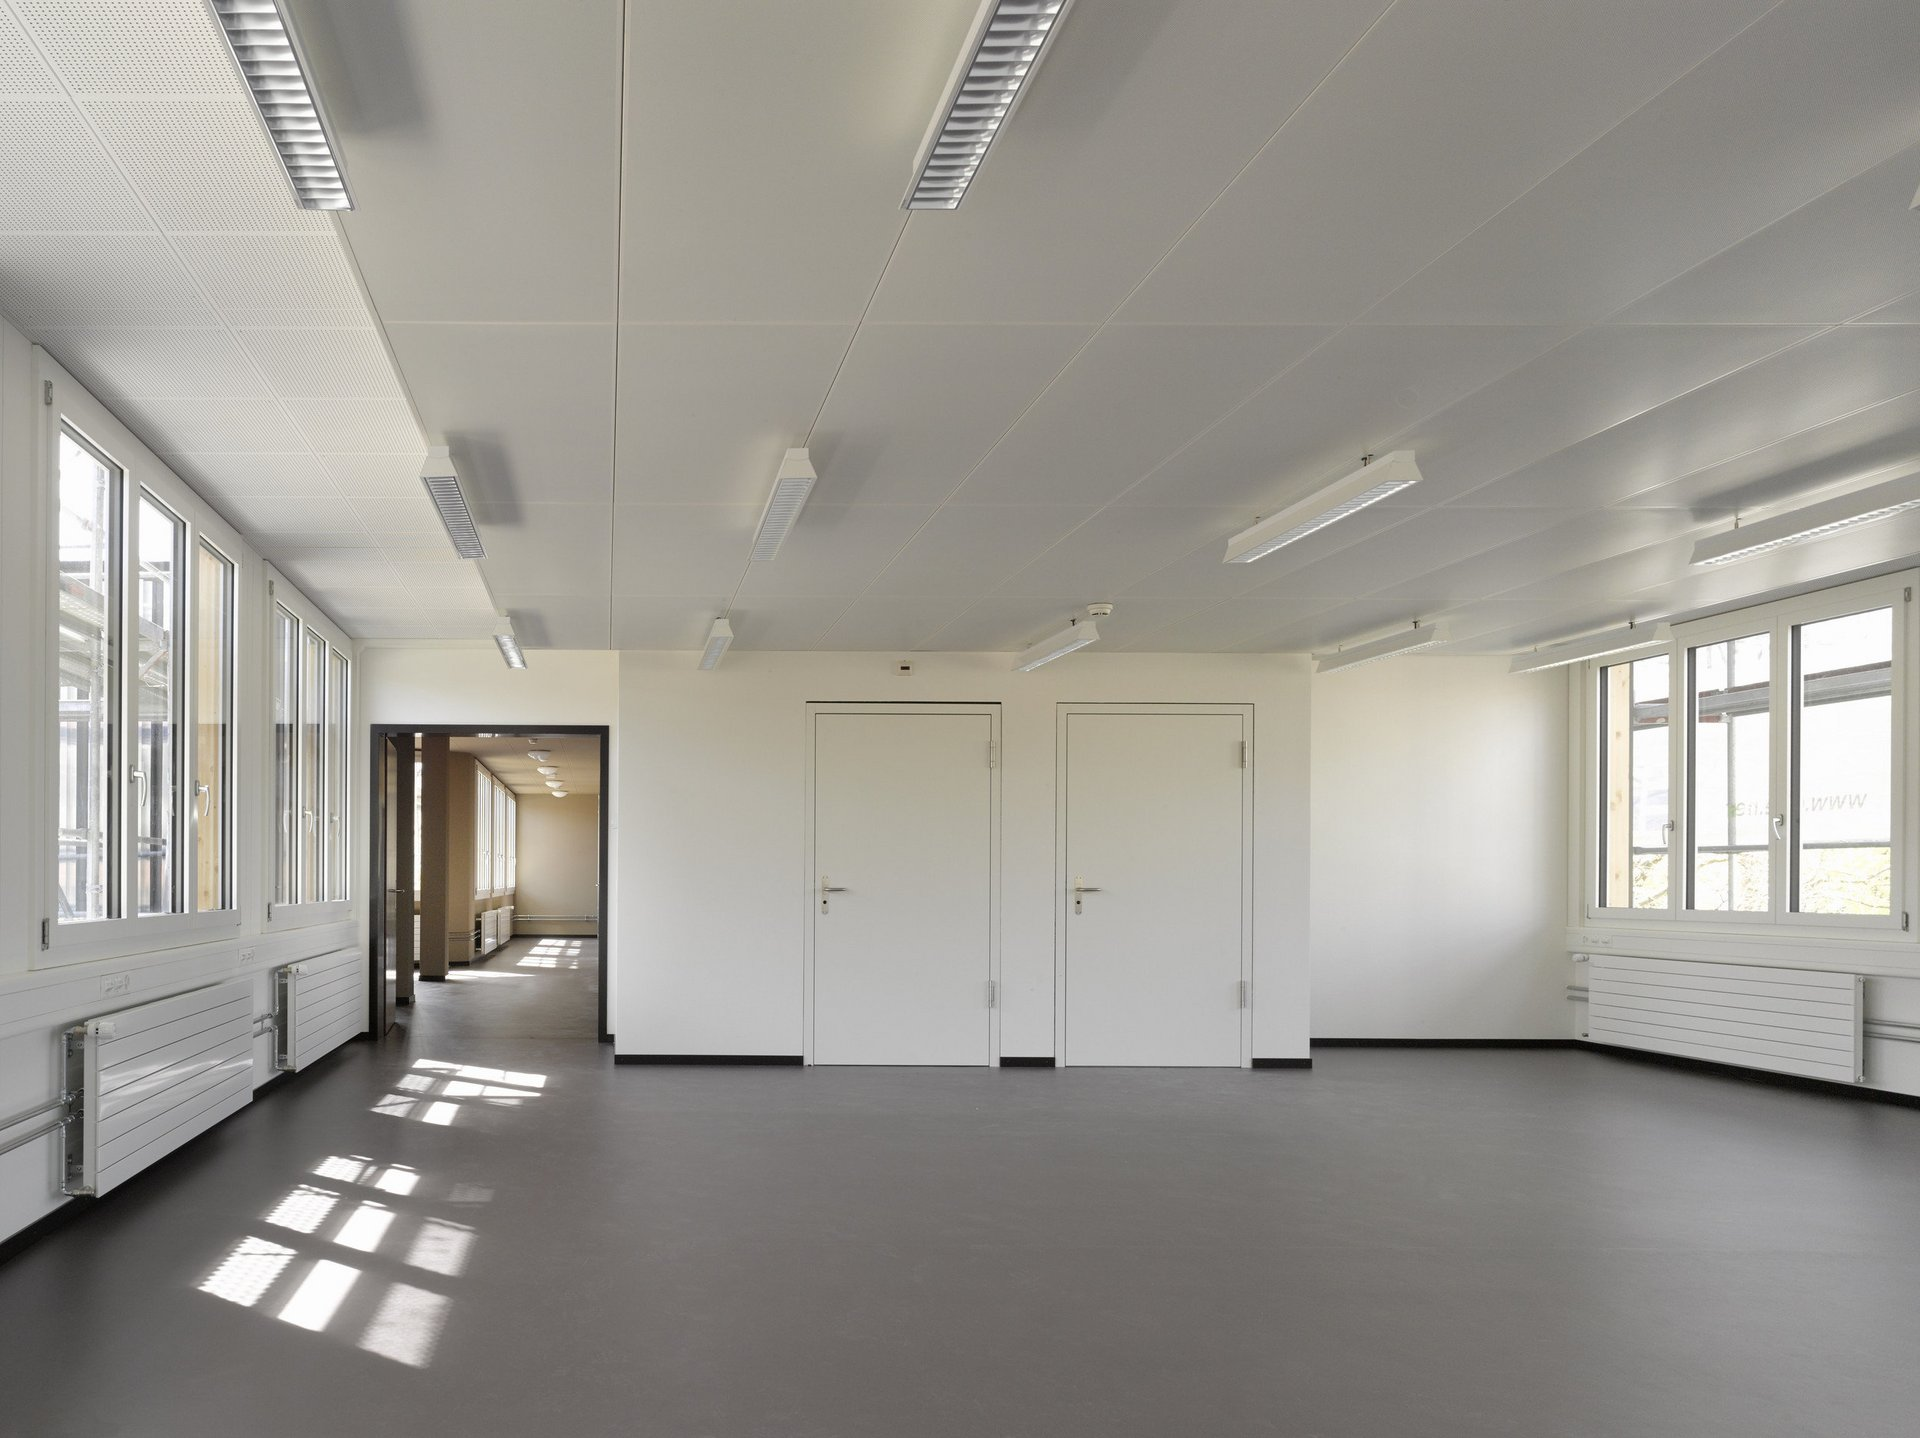 lichtdurchfluteter Raum mit grossen Fensterelementen auf beiden Seiten